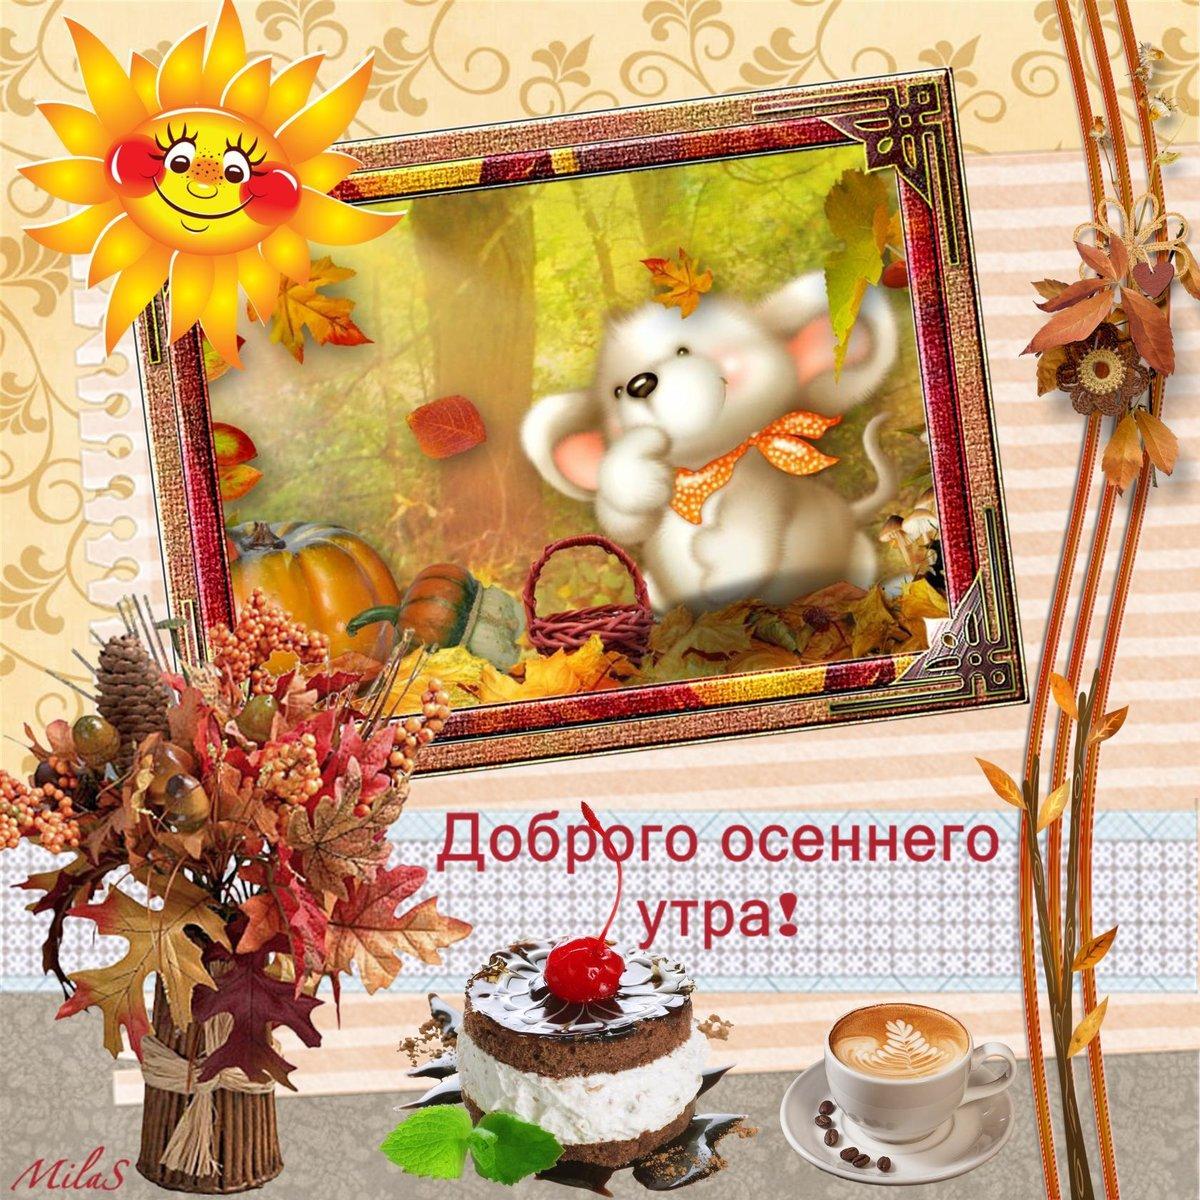 Картинки поздравлениями, шуточные открытки с добрым утром осенним